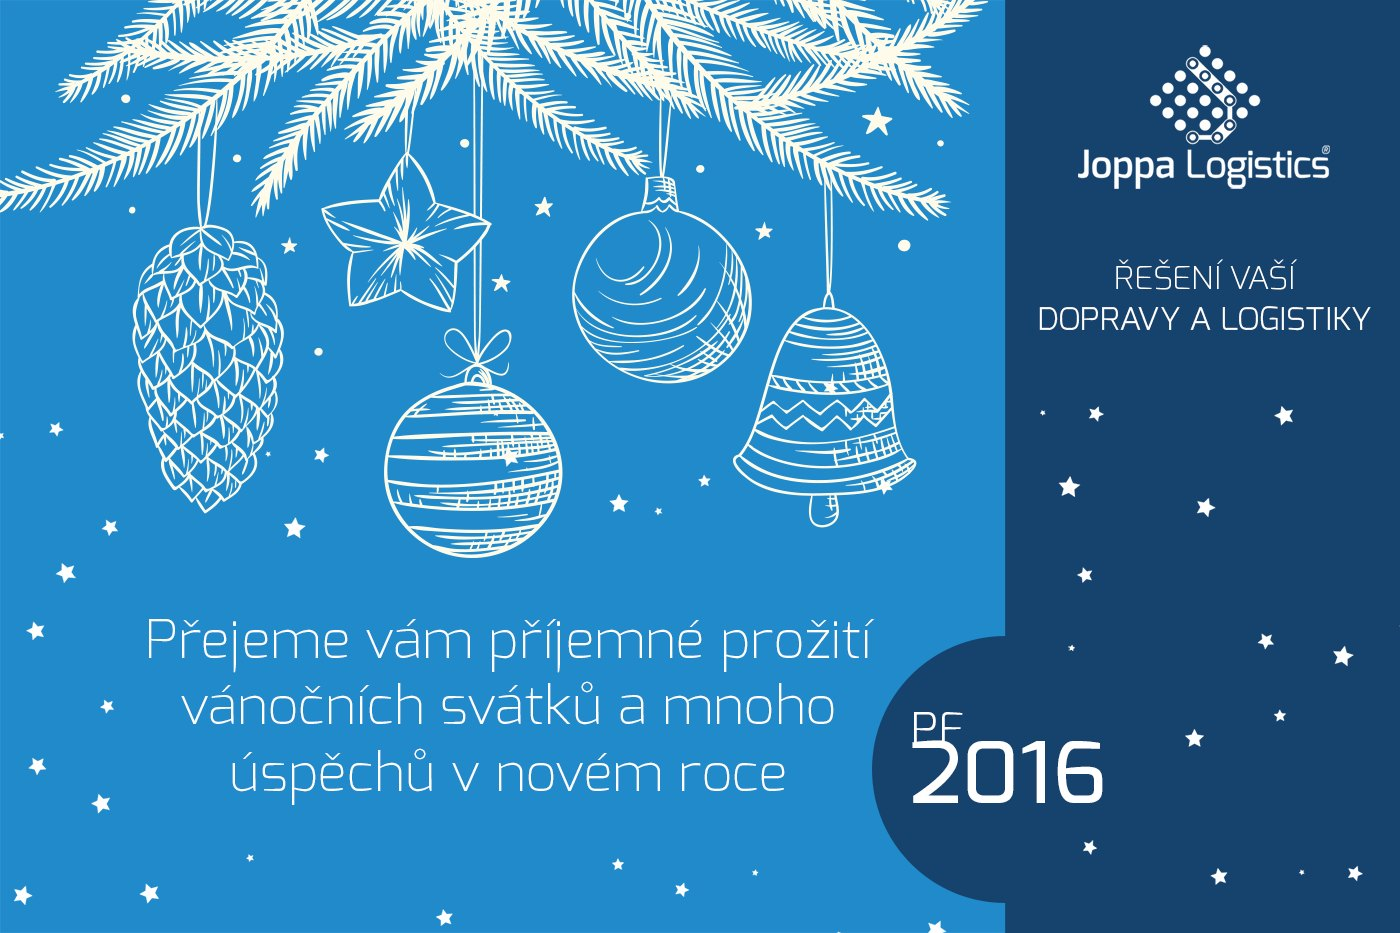 Joppa Logistics s.r.o. PF 2016